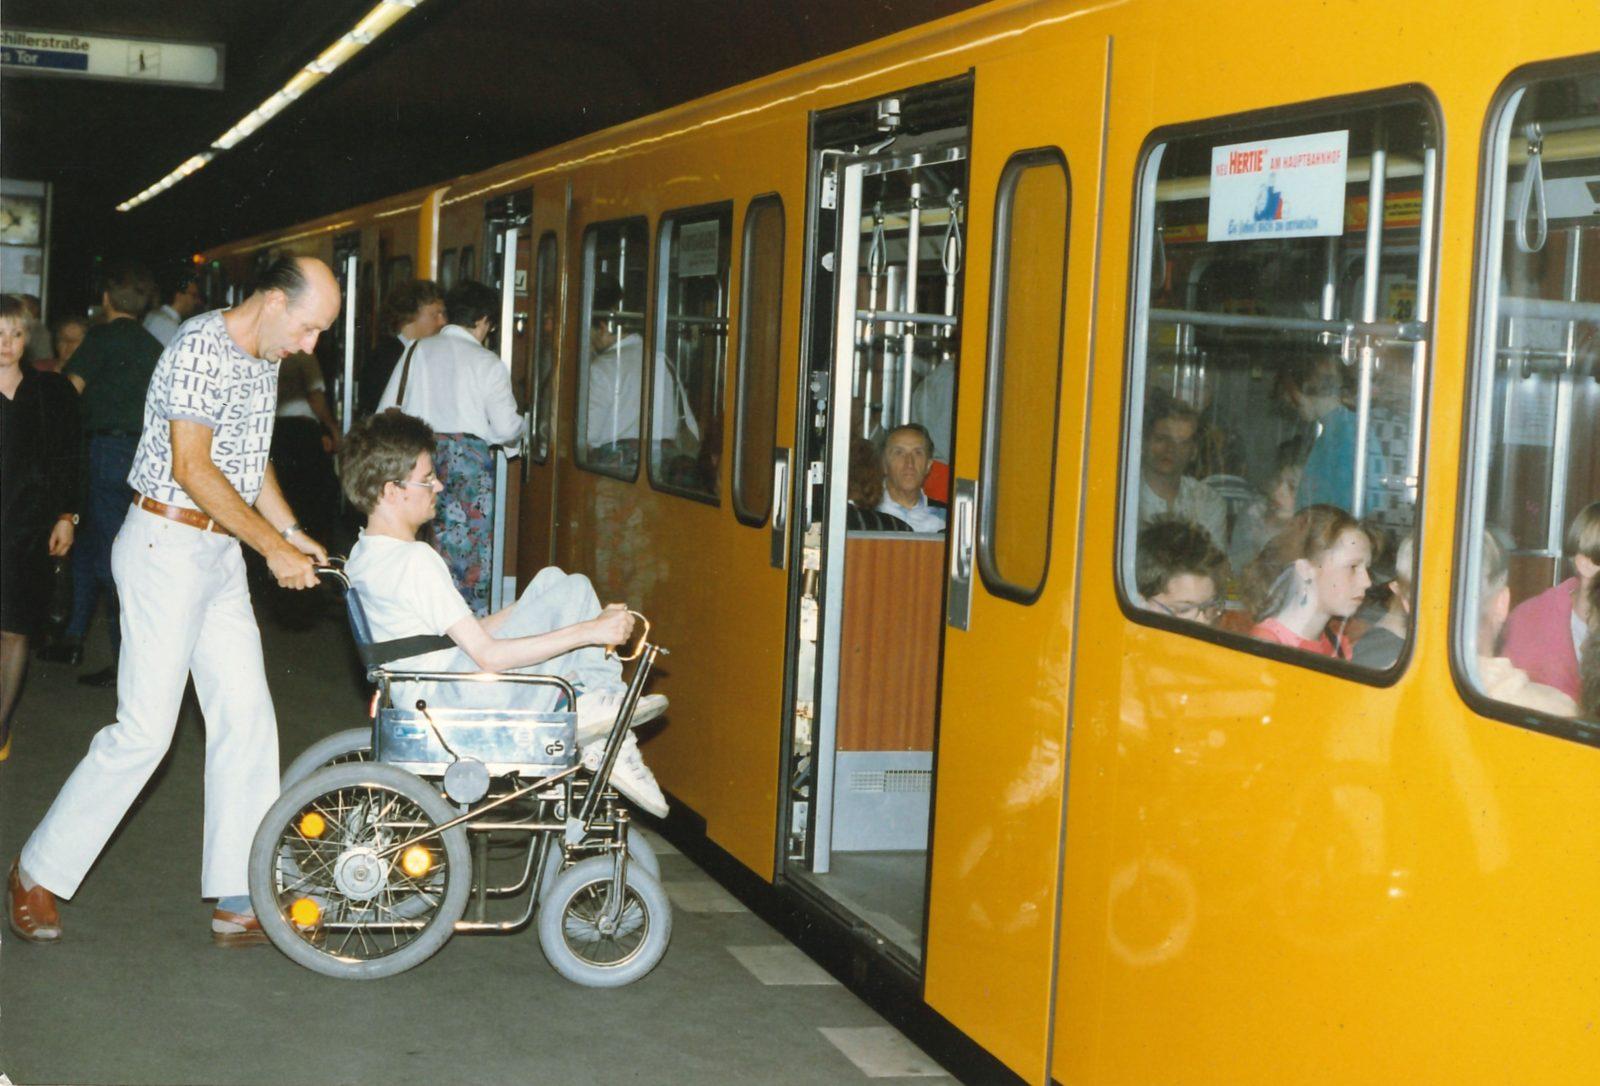 Ein altes Foto: Ein Mann hilft einem anderen Mann im Rollstuhl beim Einstieg in eine Berliner U-Bahn.